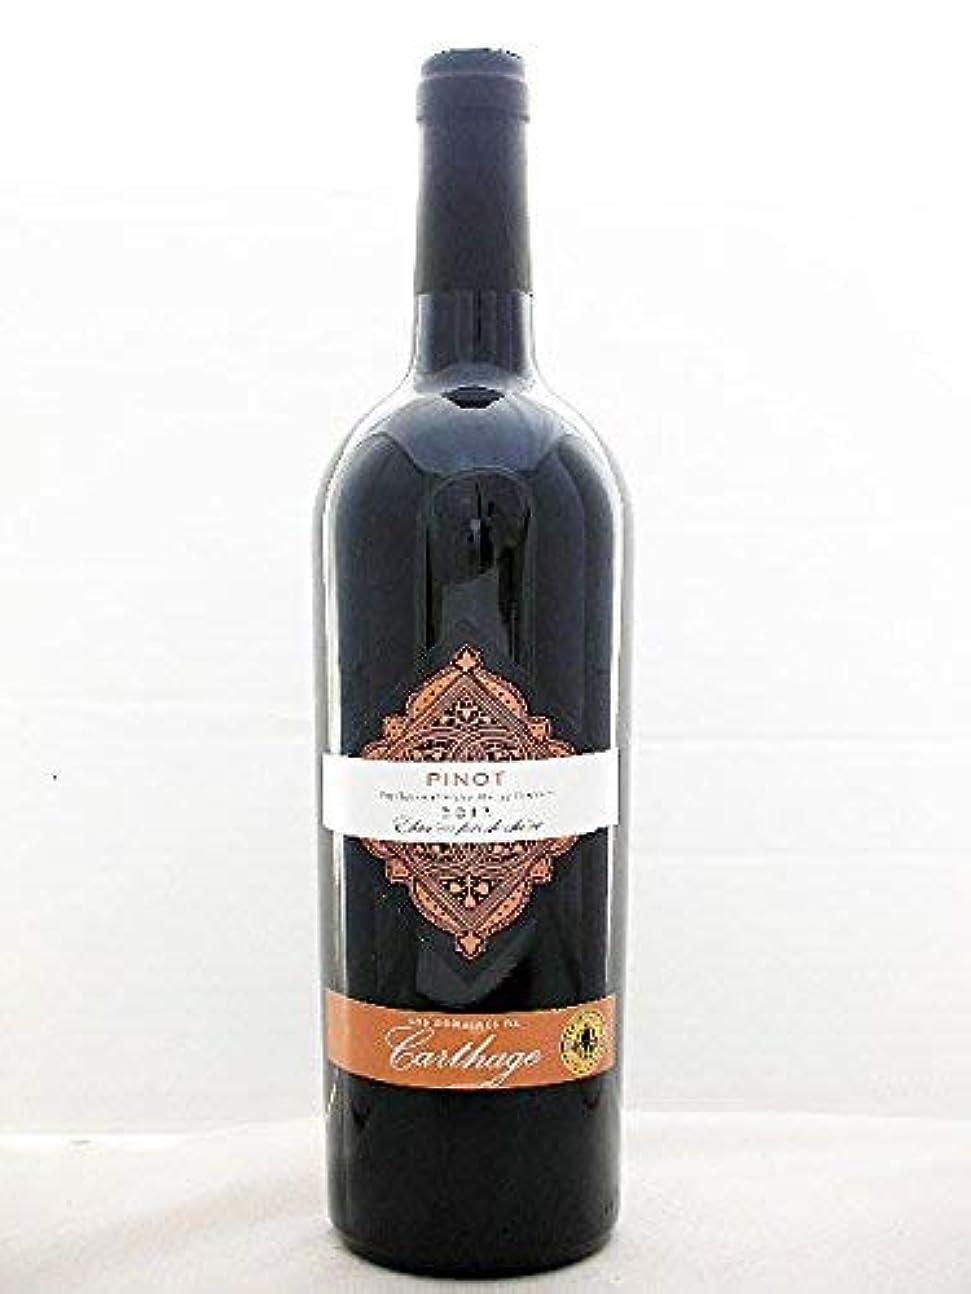 背骨時々時々フィットカリタージュ ピノノワール(Carthage)【チュニジア産?赤ワイン?辛口?ミディアムボディ?750ml】